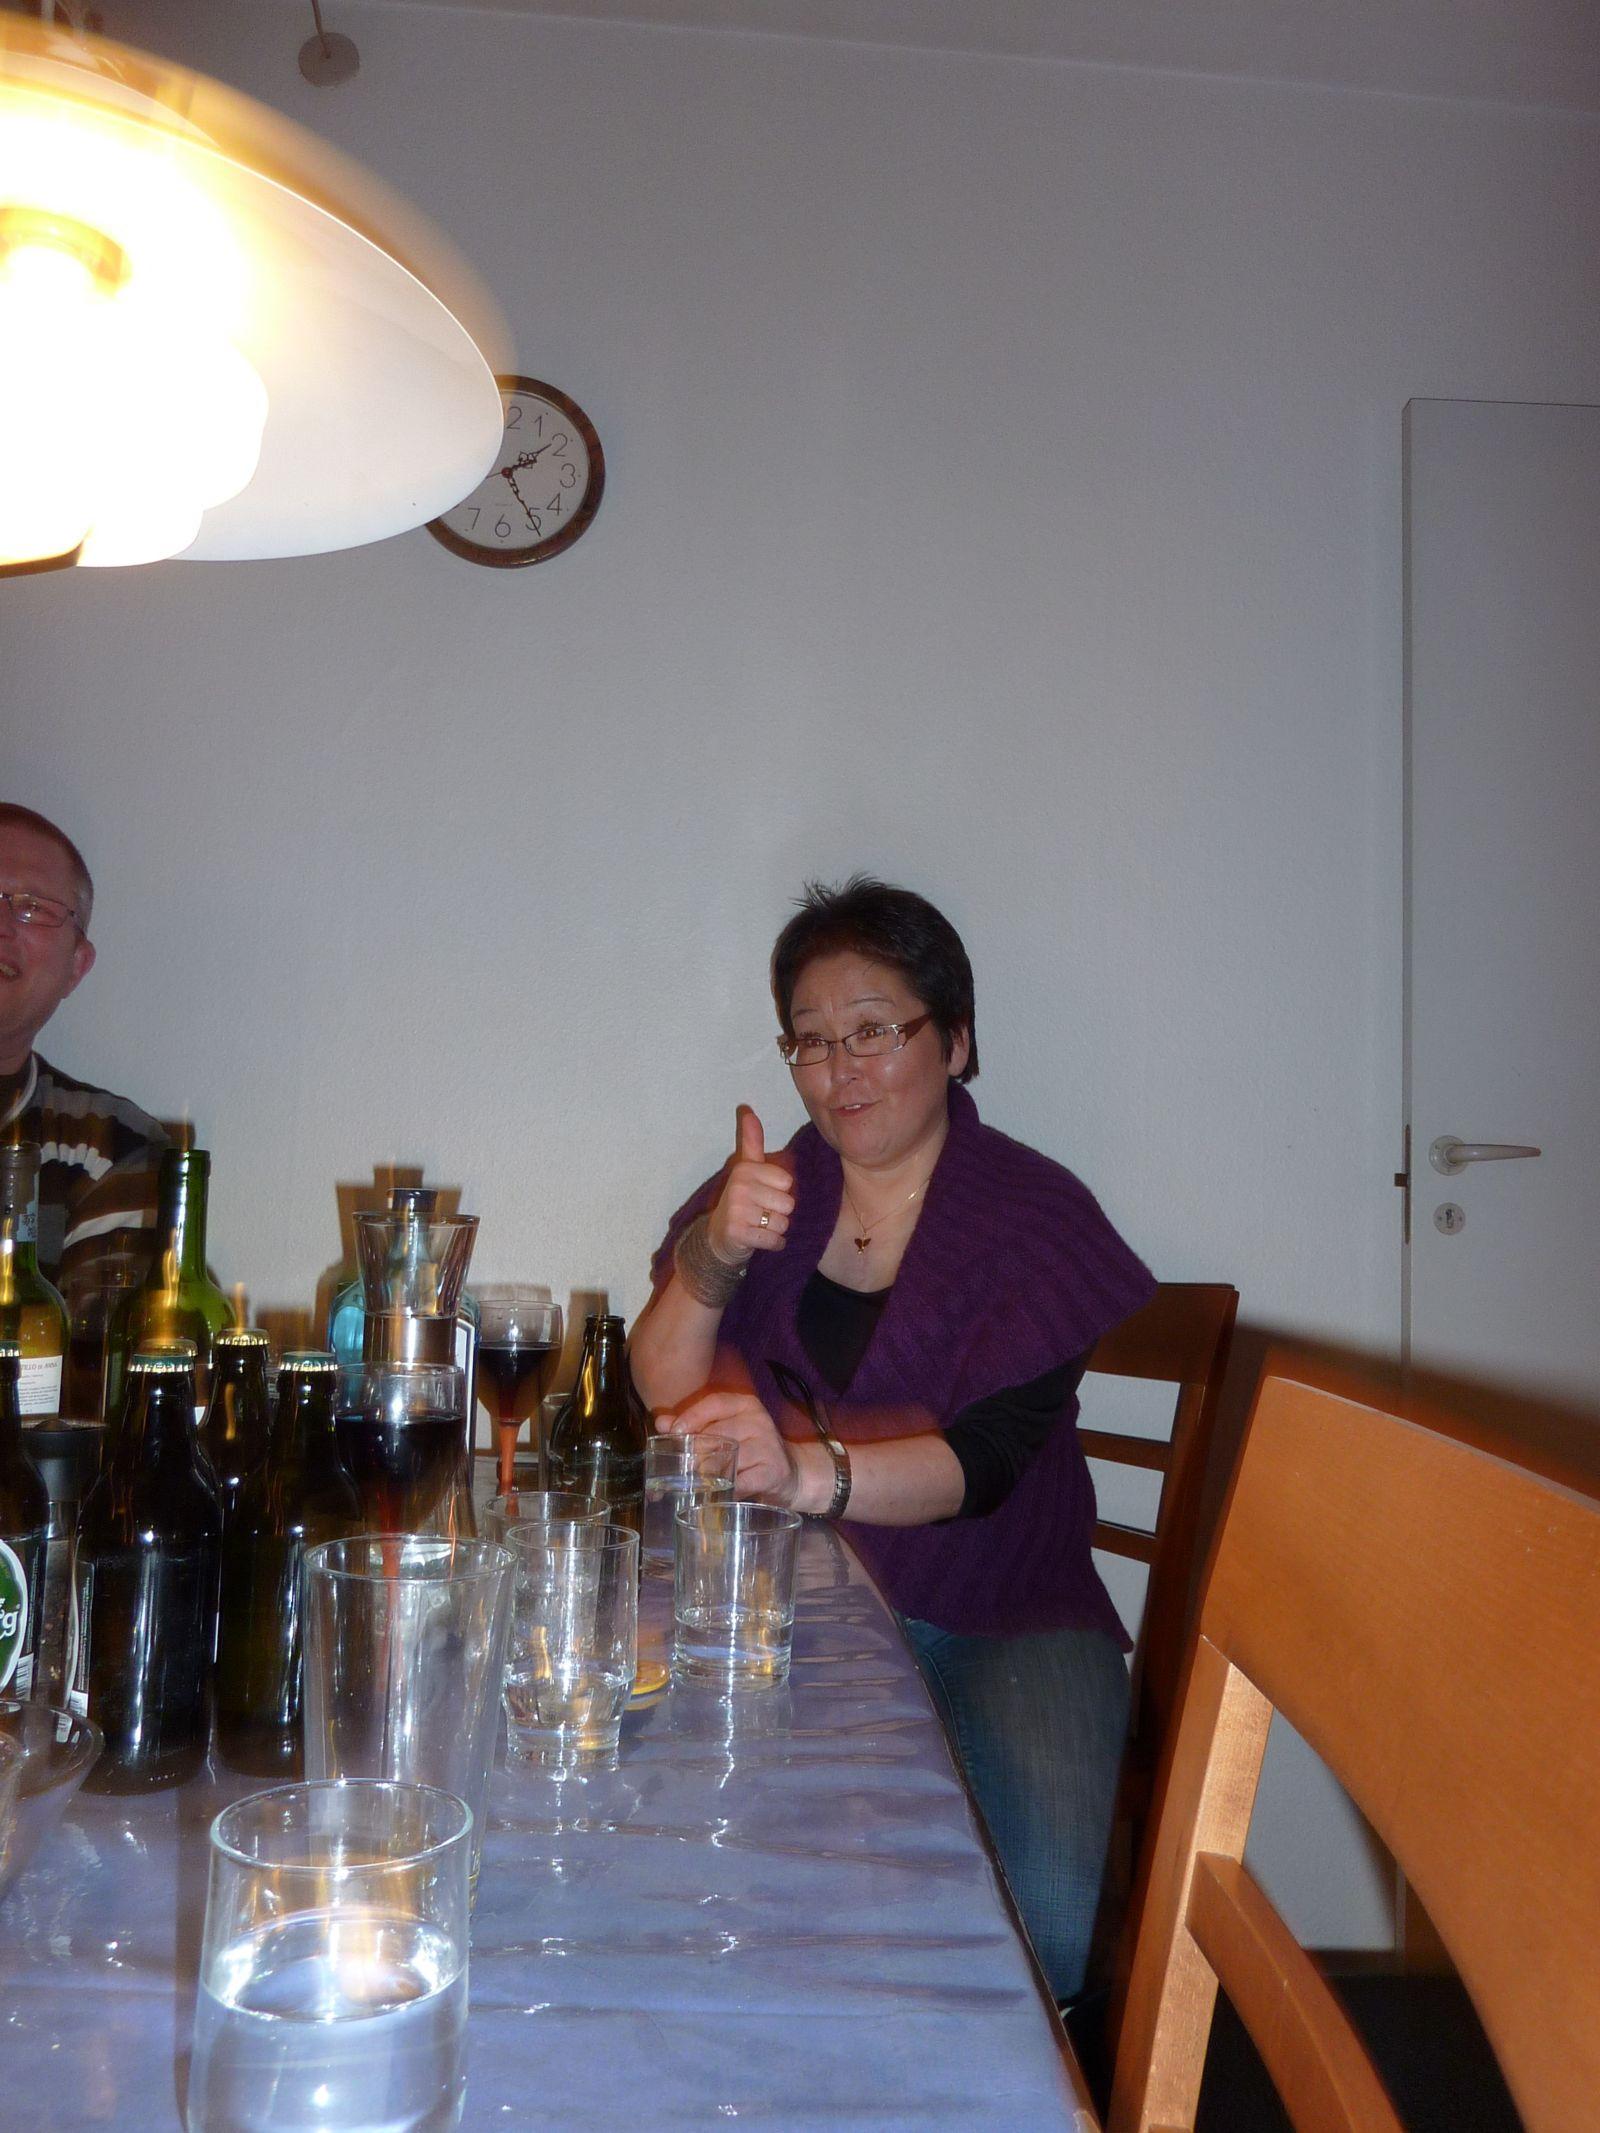 2010-03-14-0121_-_Hygge